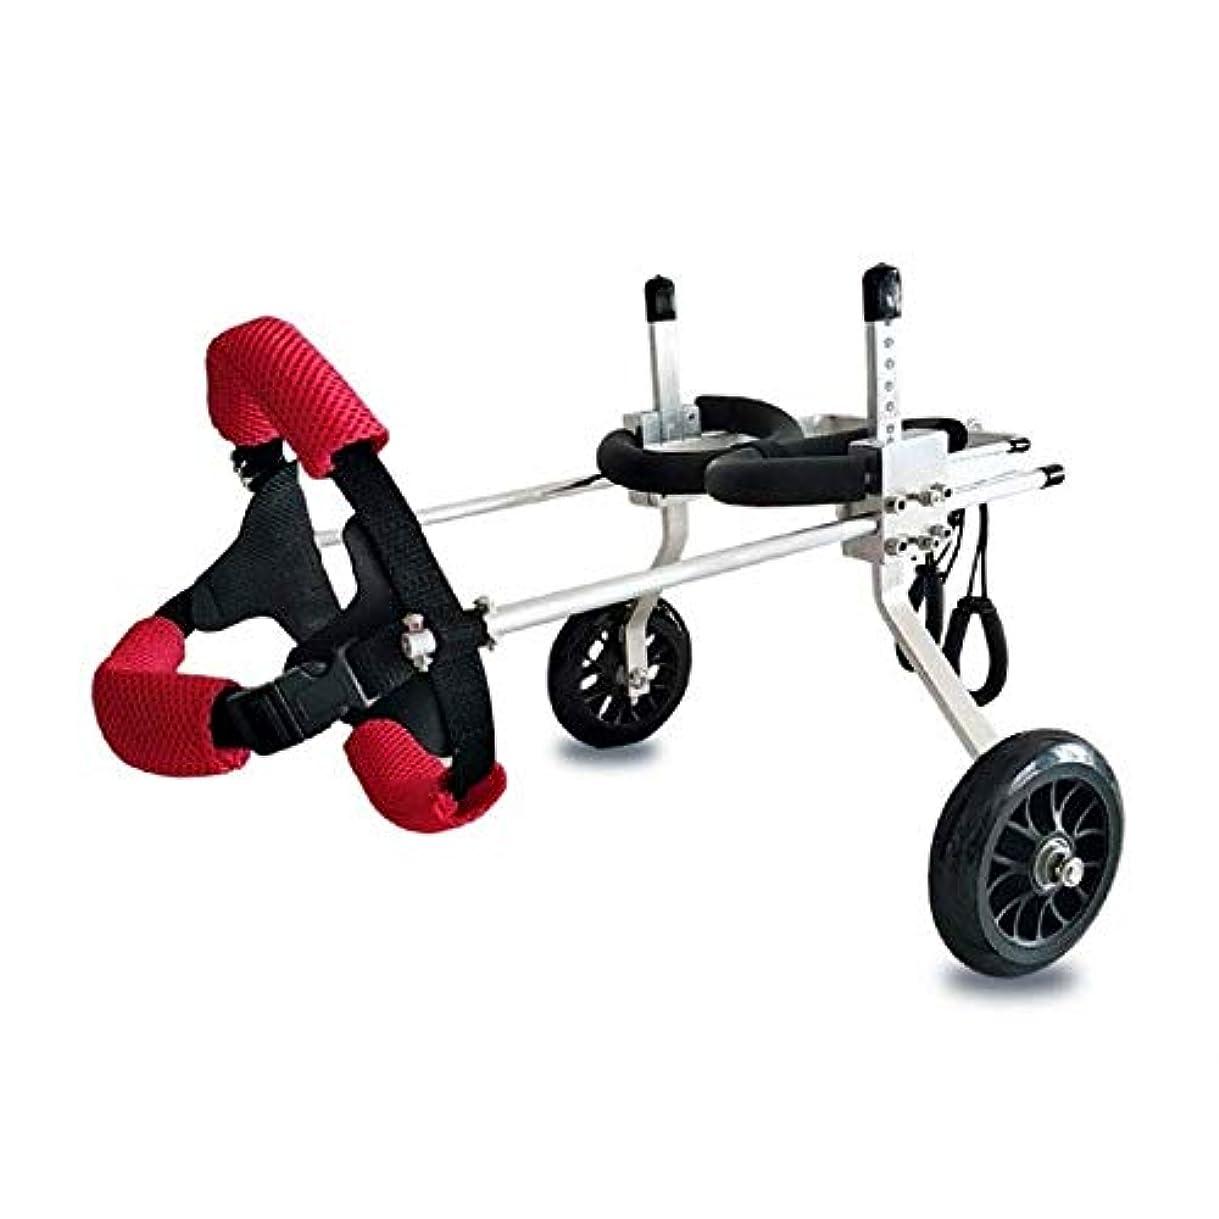 多様性兄弟愛書き込みIVHJLP ペット用犬車椅子2脚付き補助リハビリトレーニング大型補助サポートスクーター自由に調整可能なサイズ無効犬用スクーター(サイズ:L)